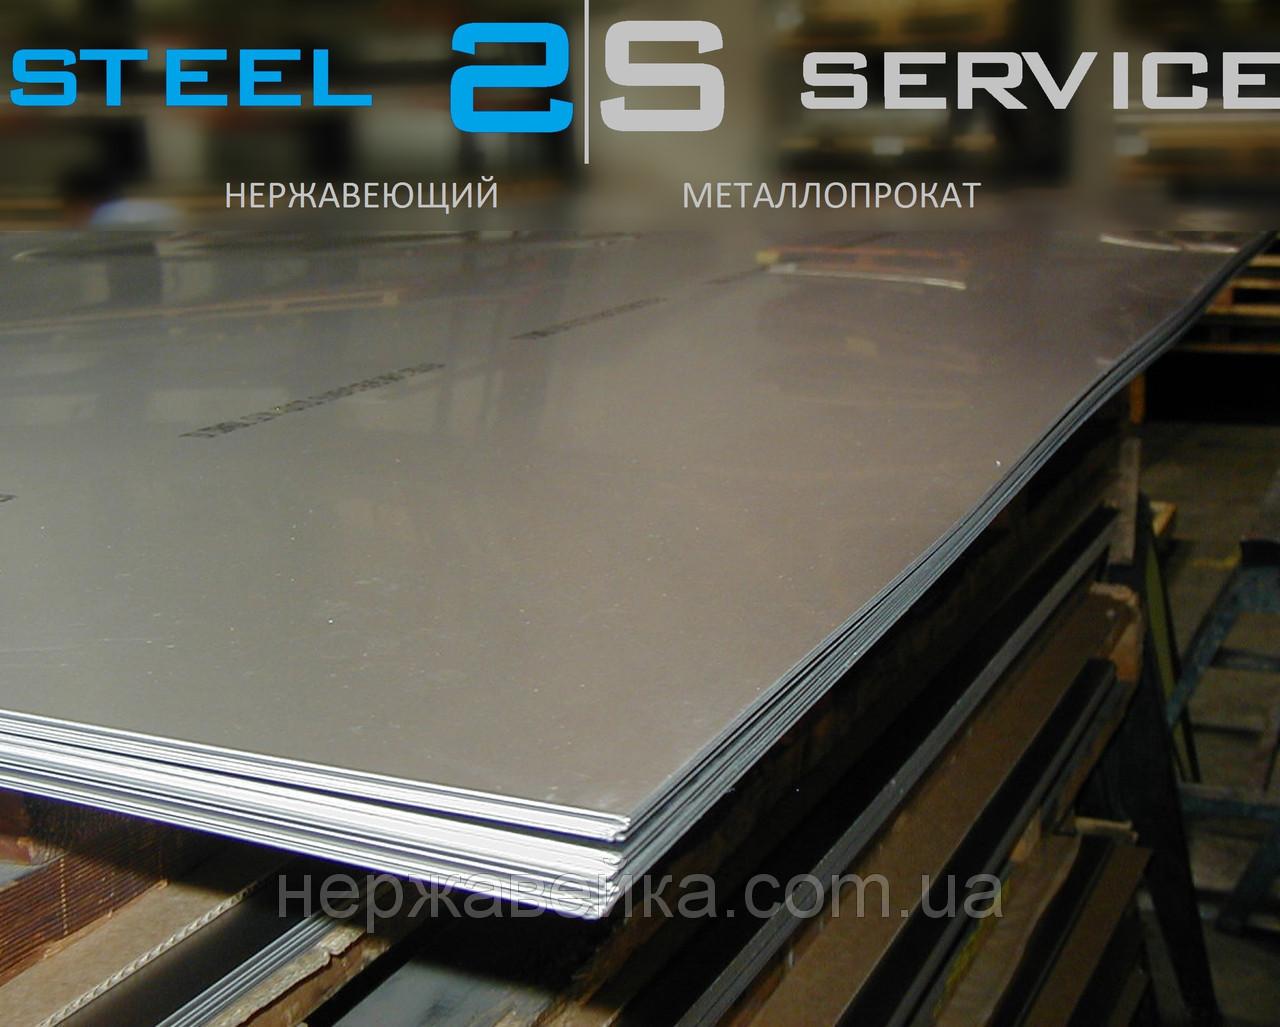 Нержавейка лист 0,8х1000х2000мм  AISI 316L(03Х17Н14М3) 4N - шлифованный,  кислотостойкий